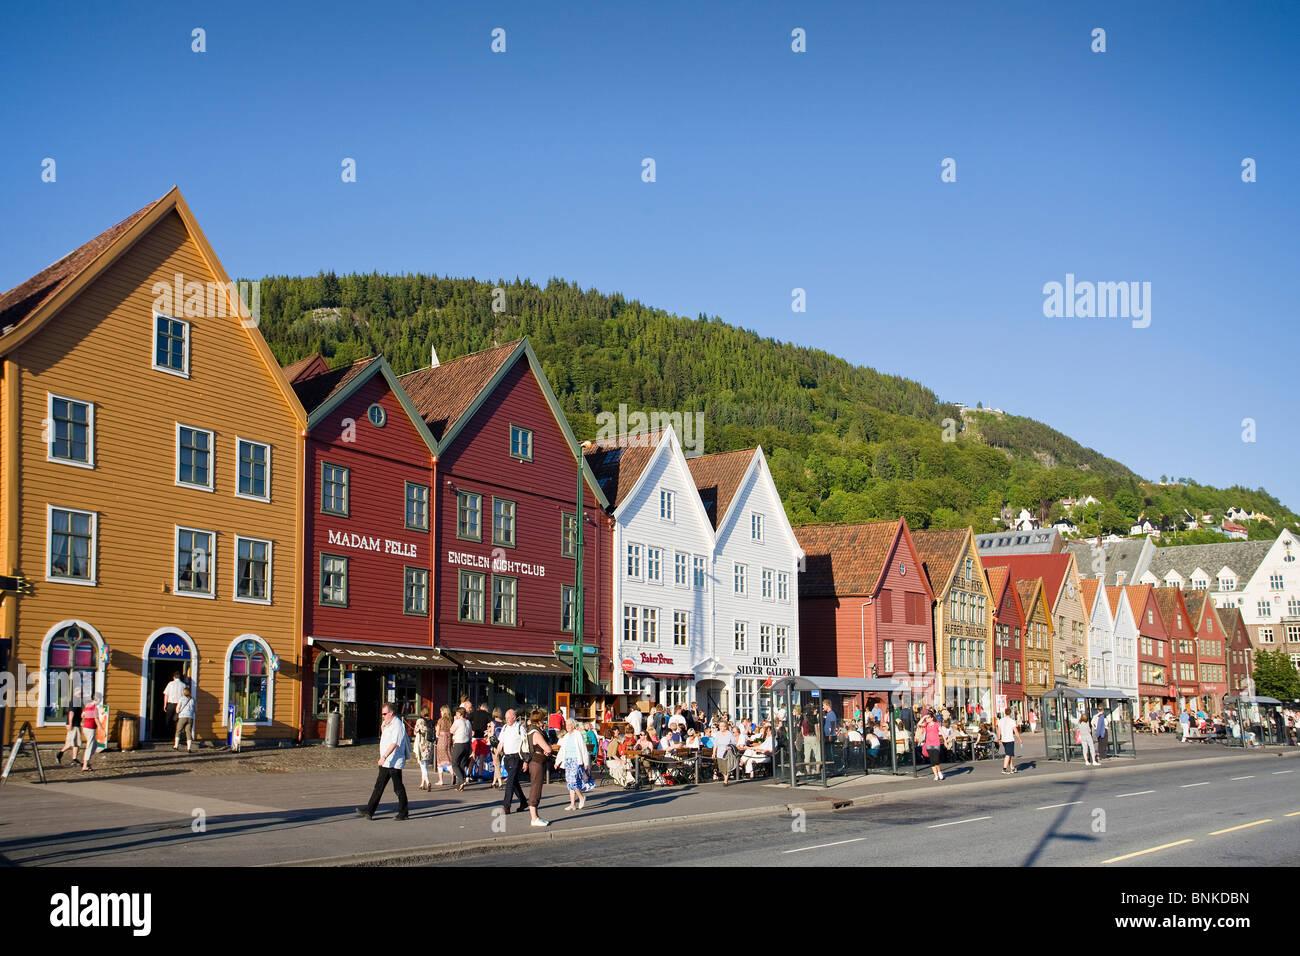 norwegen skandinavien bergen stadt briggen bryggen hanse. Black Bedroom Furniture Sets. Home Design Ideas